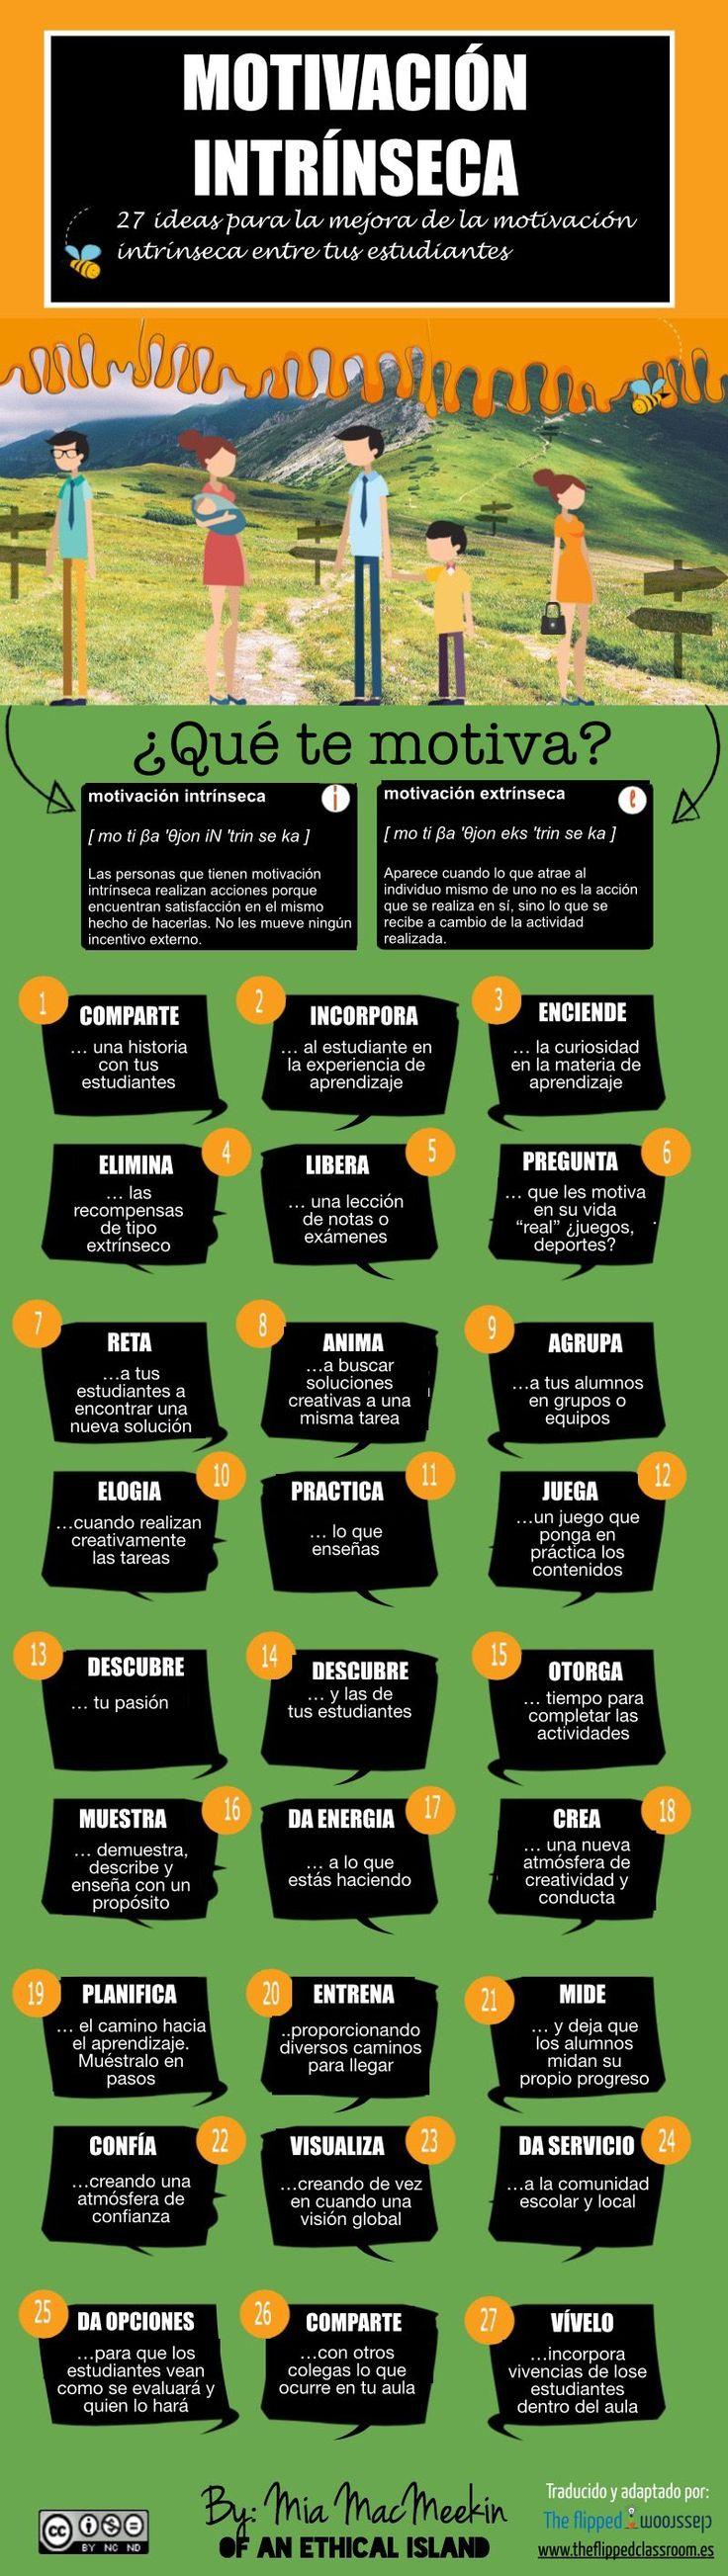 Motivación Intrínseca en el Aula - 27 Tips para Mejorarla | #Infografía #Educación